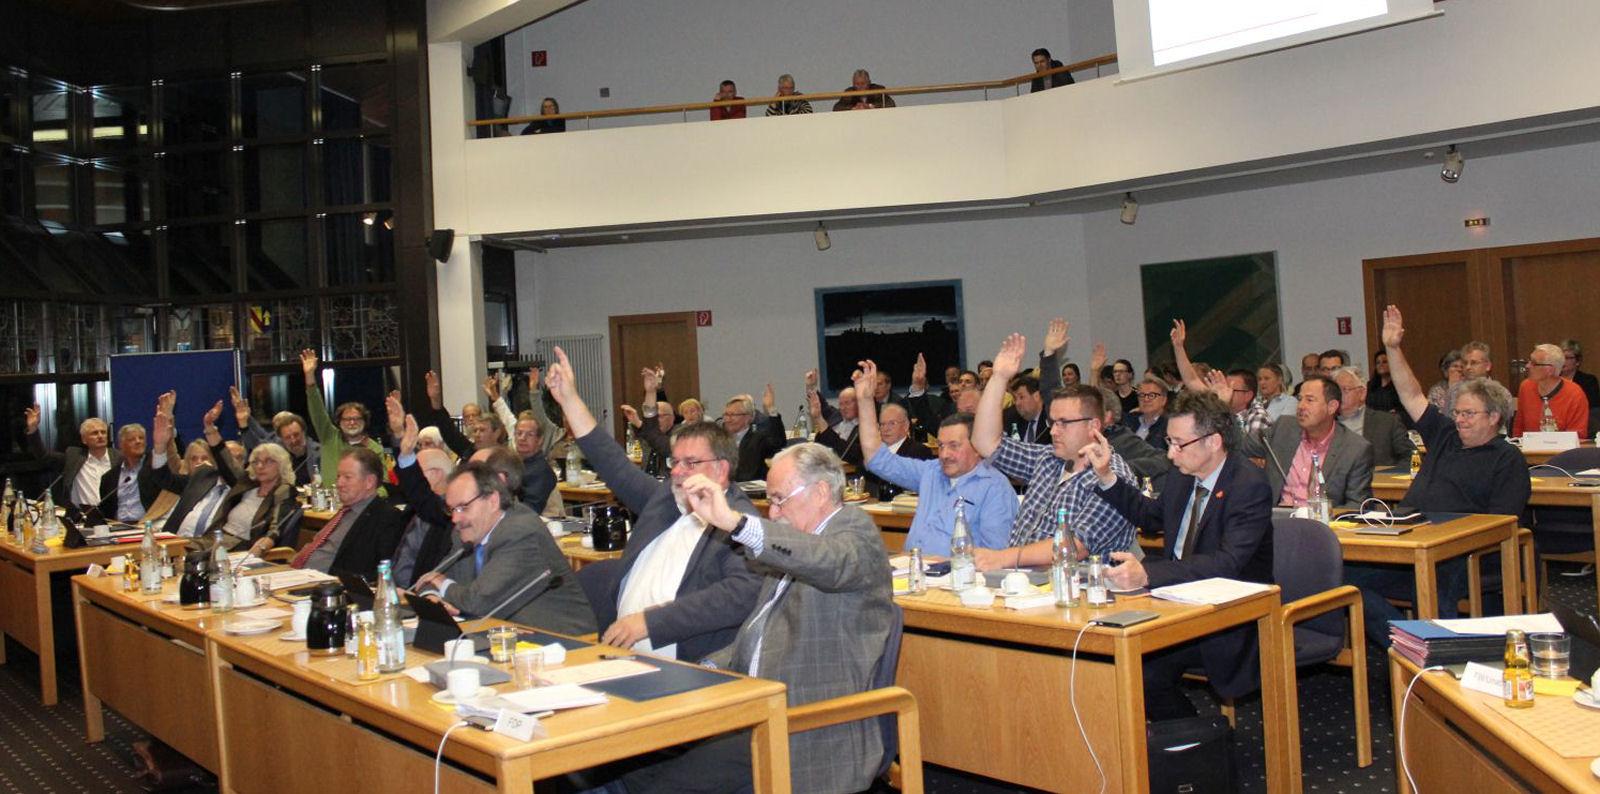 Kreistagssitzung vom 05.04.2017: Tendenzentscheidung zum Standort des Zentralklinikums